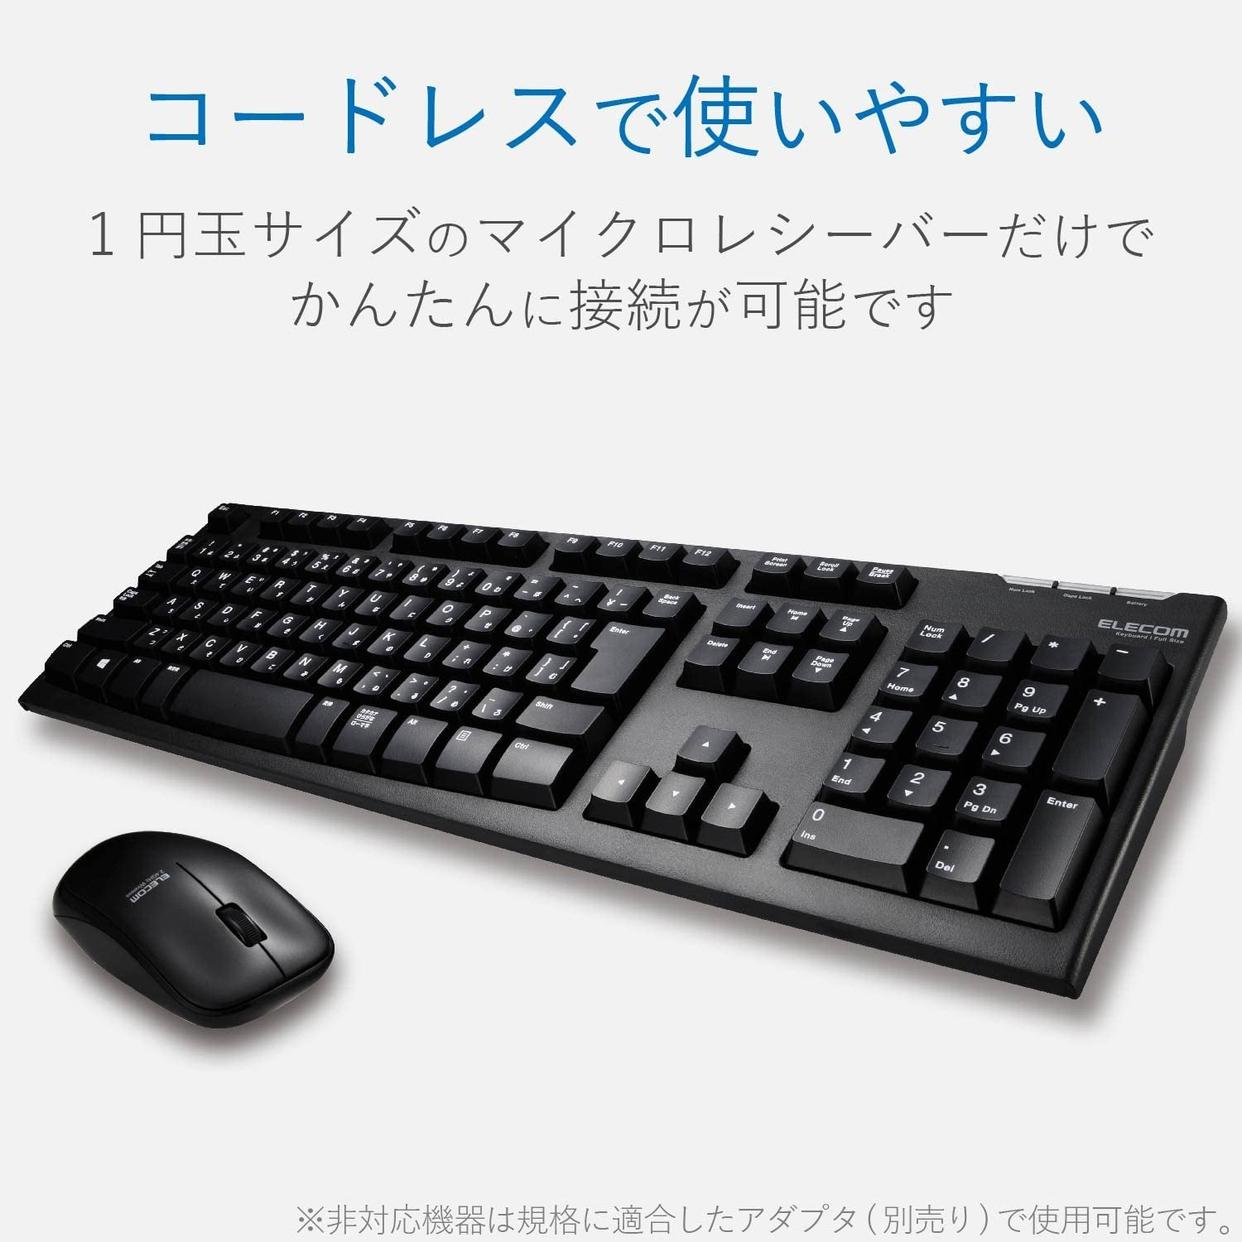 ELECOM(エレコム) ワイヤレスフルキーボード&マウス TK-FDM063BKの商品画像2